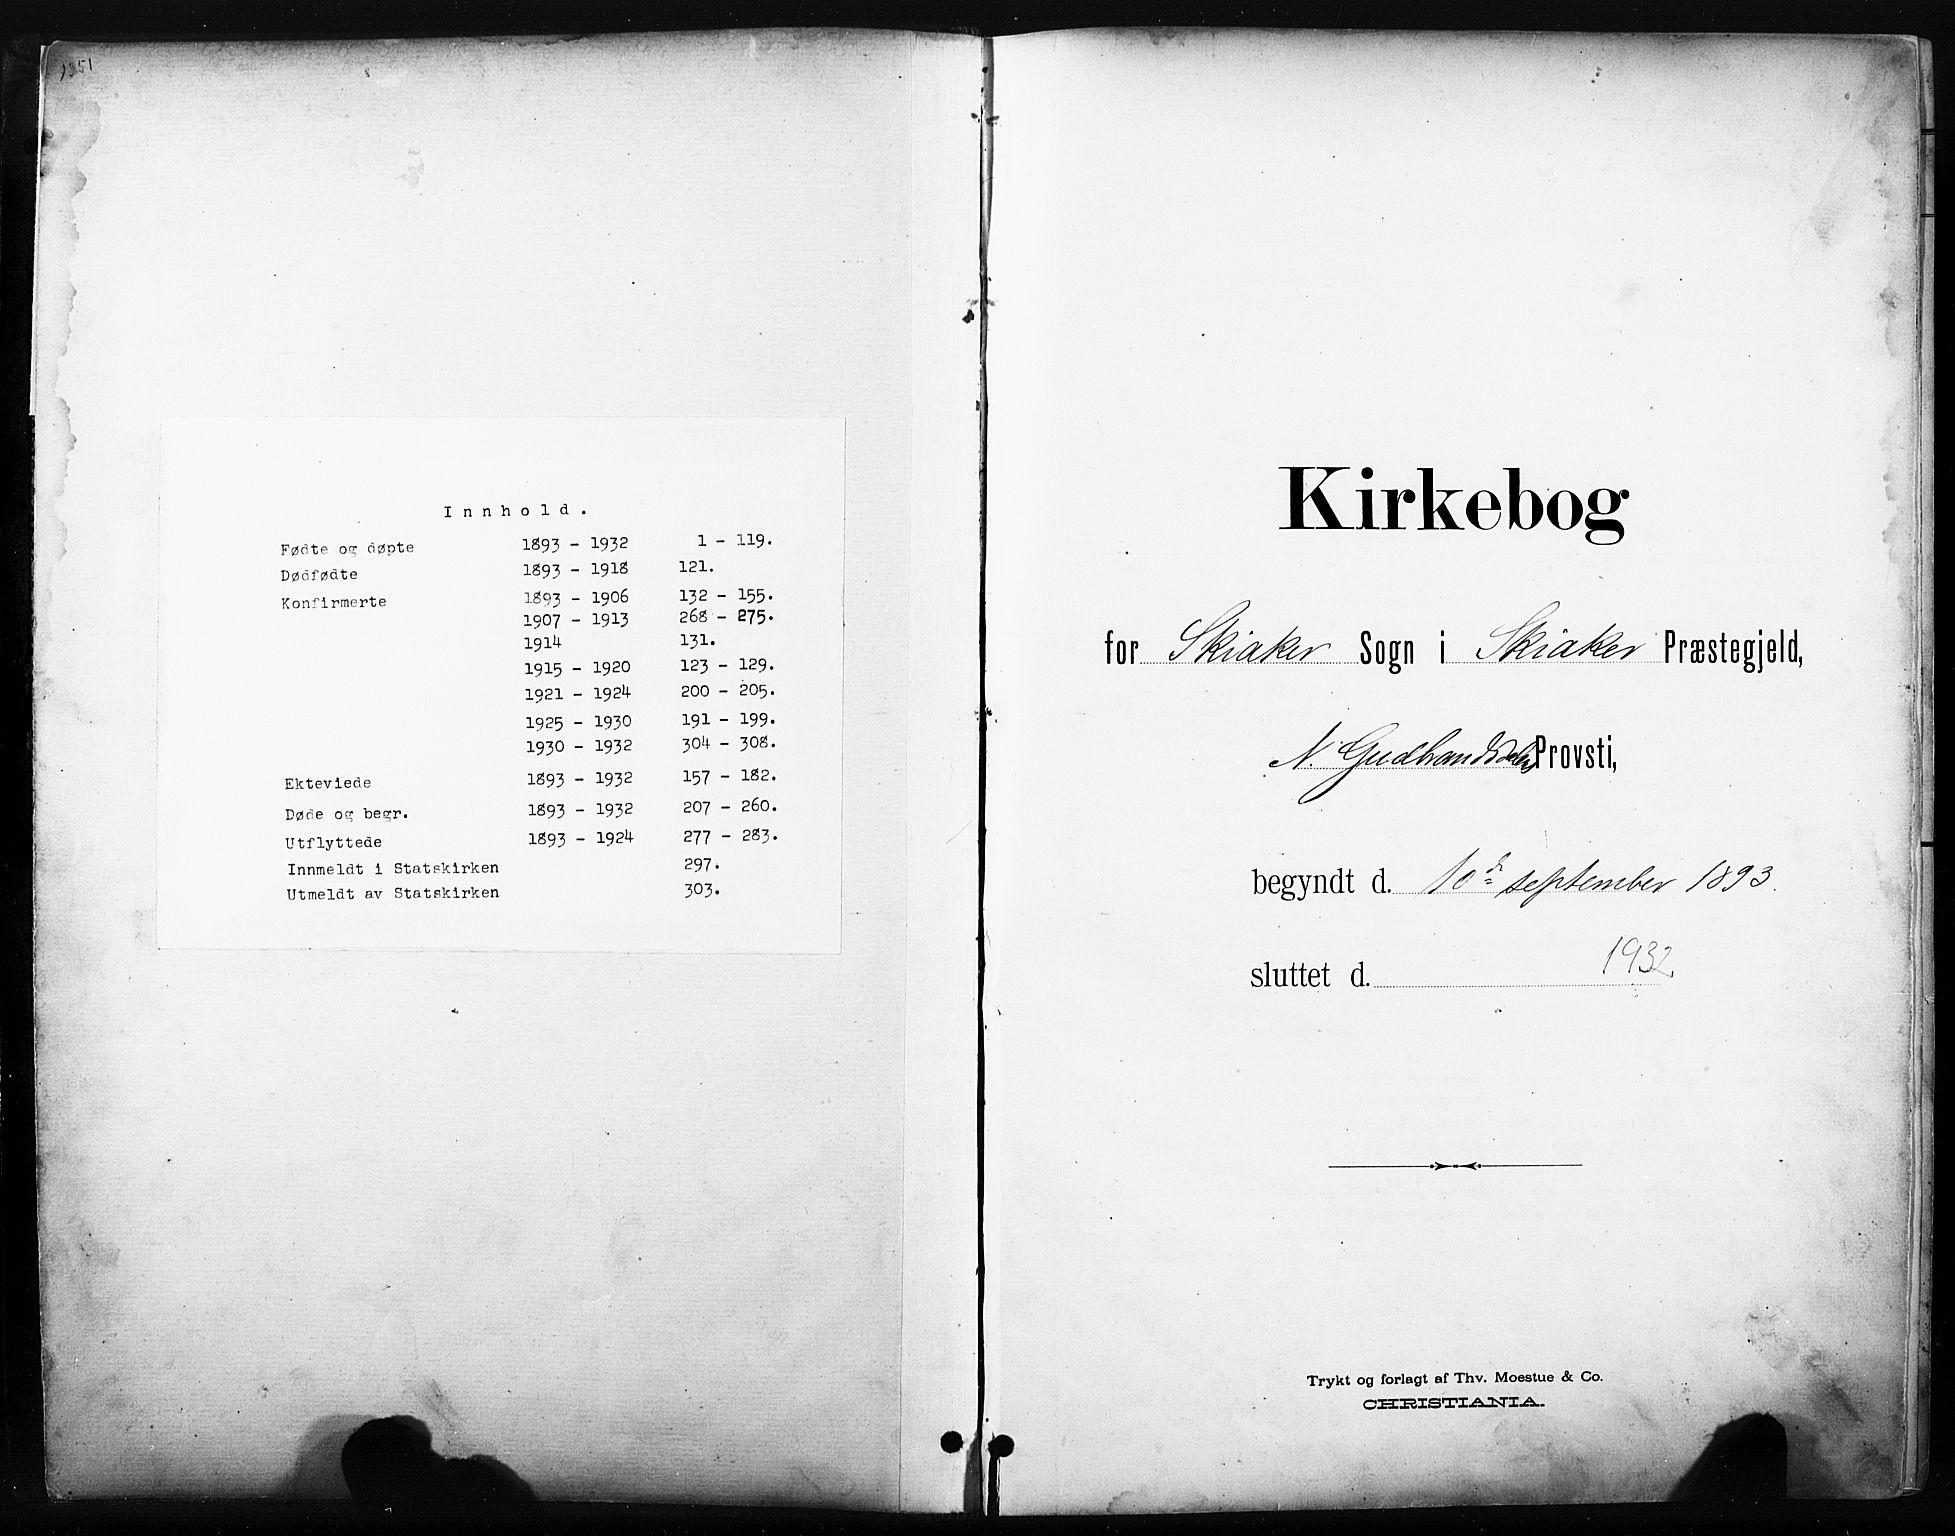 SAH, Skjåk prestekontor, Klokkerbok nr. 3, 1893-1932